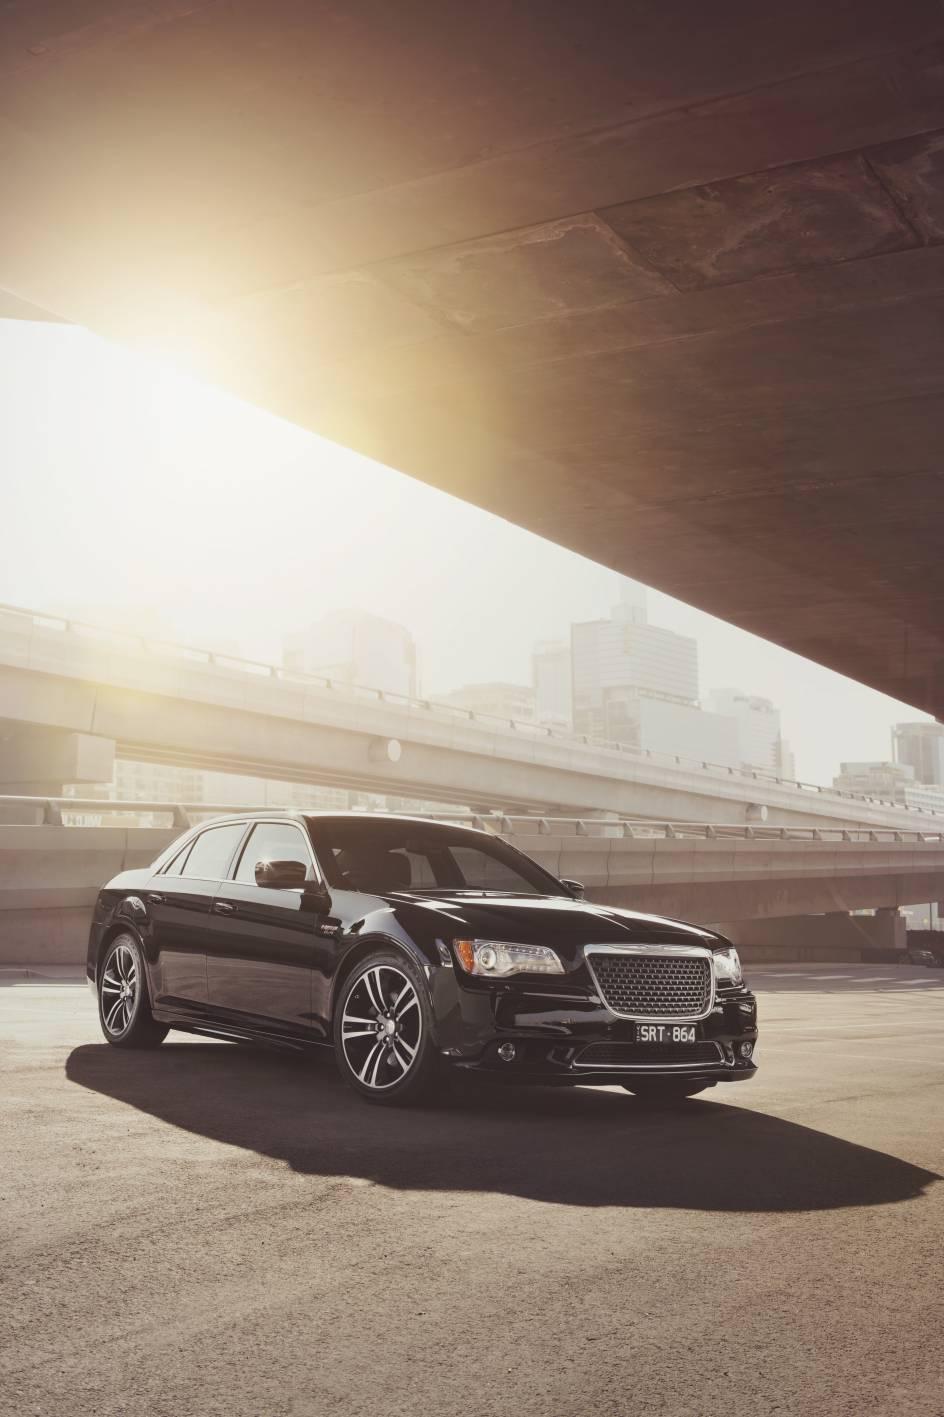 2014 Chrysler 300 SRT8 Core front 4.jpg